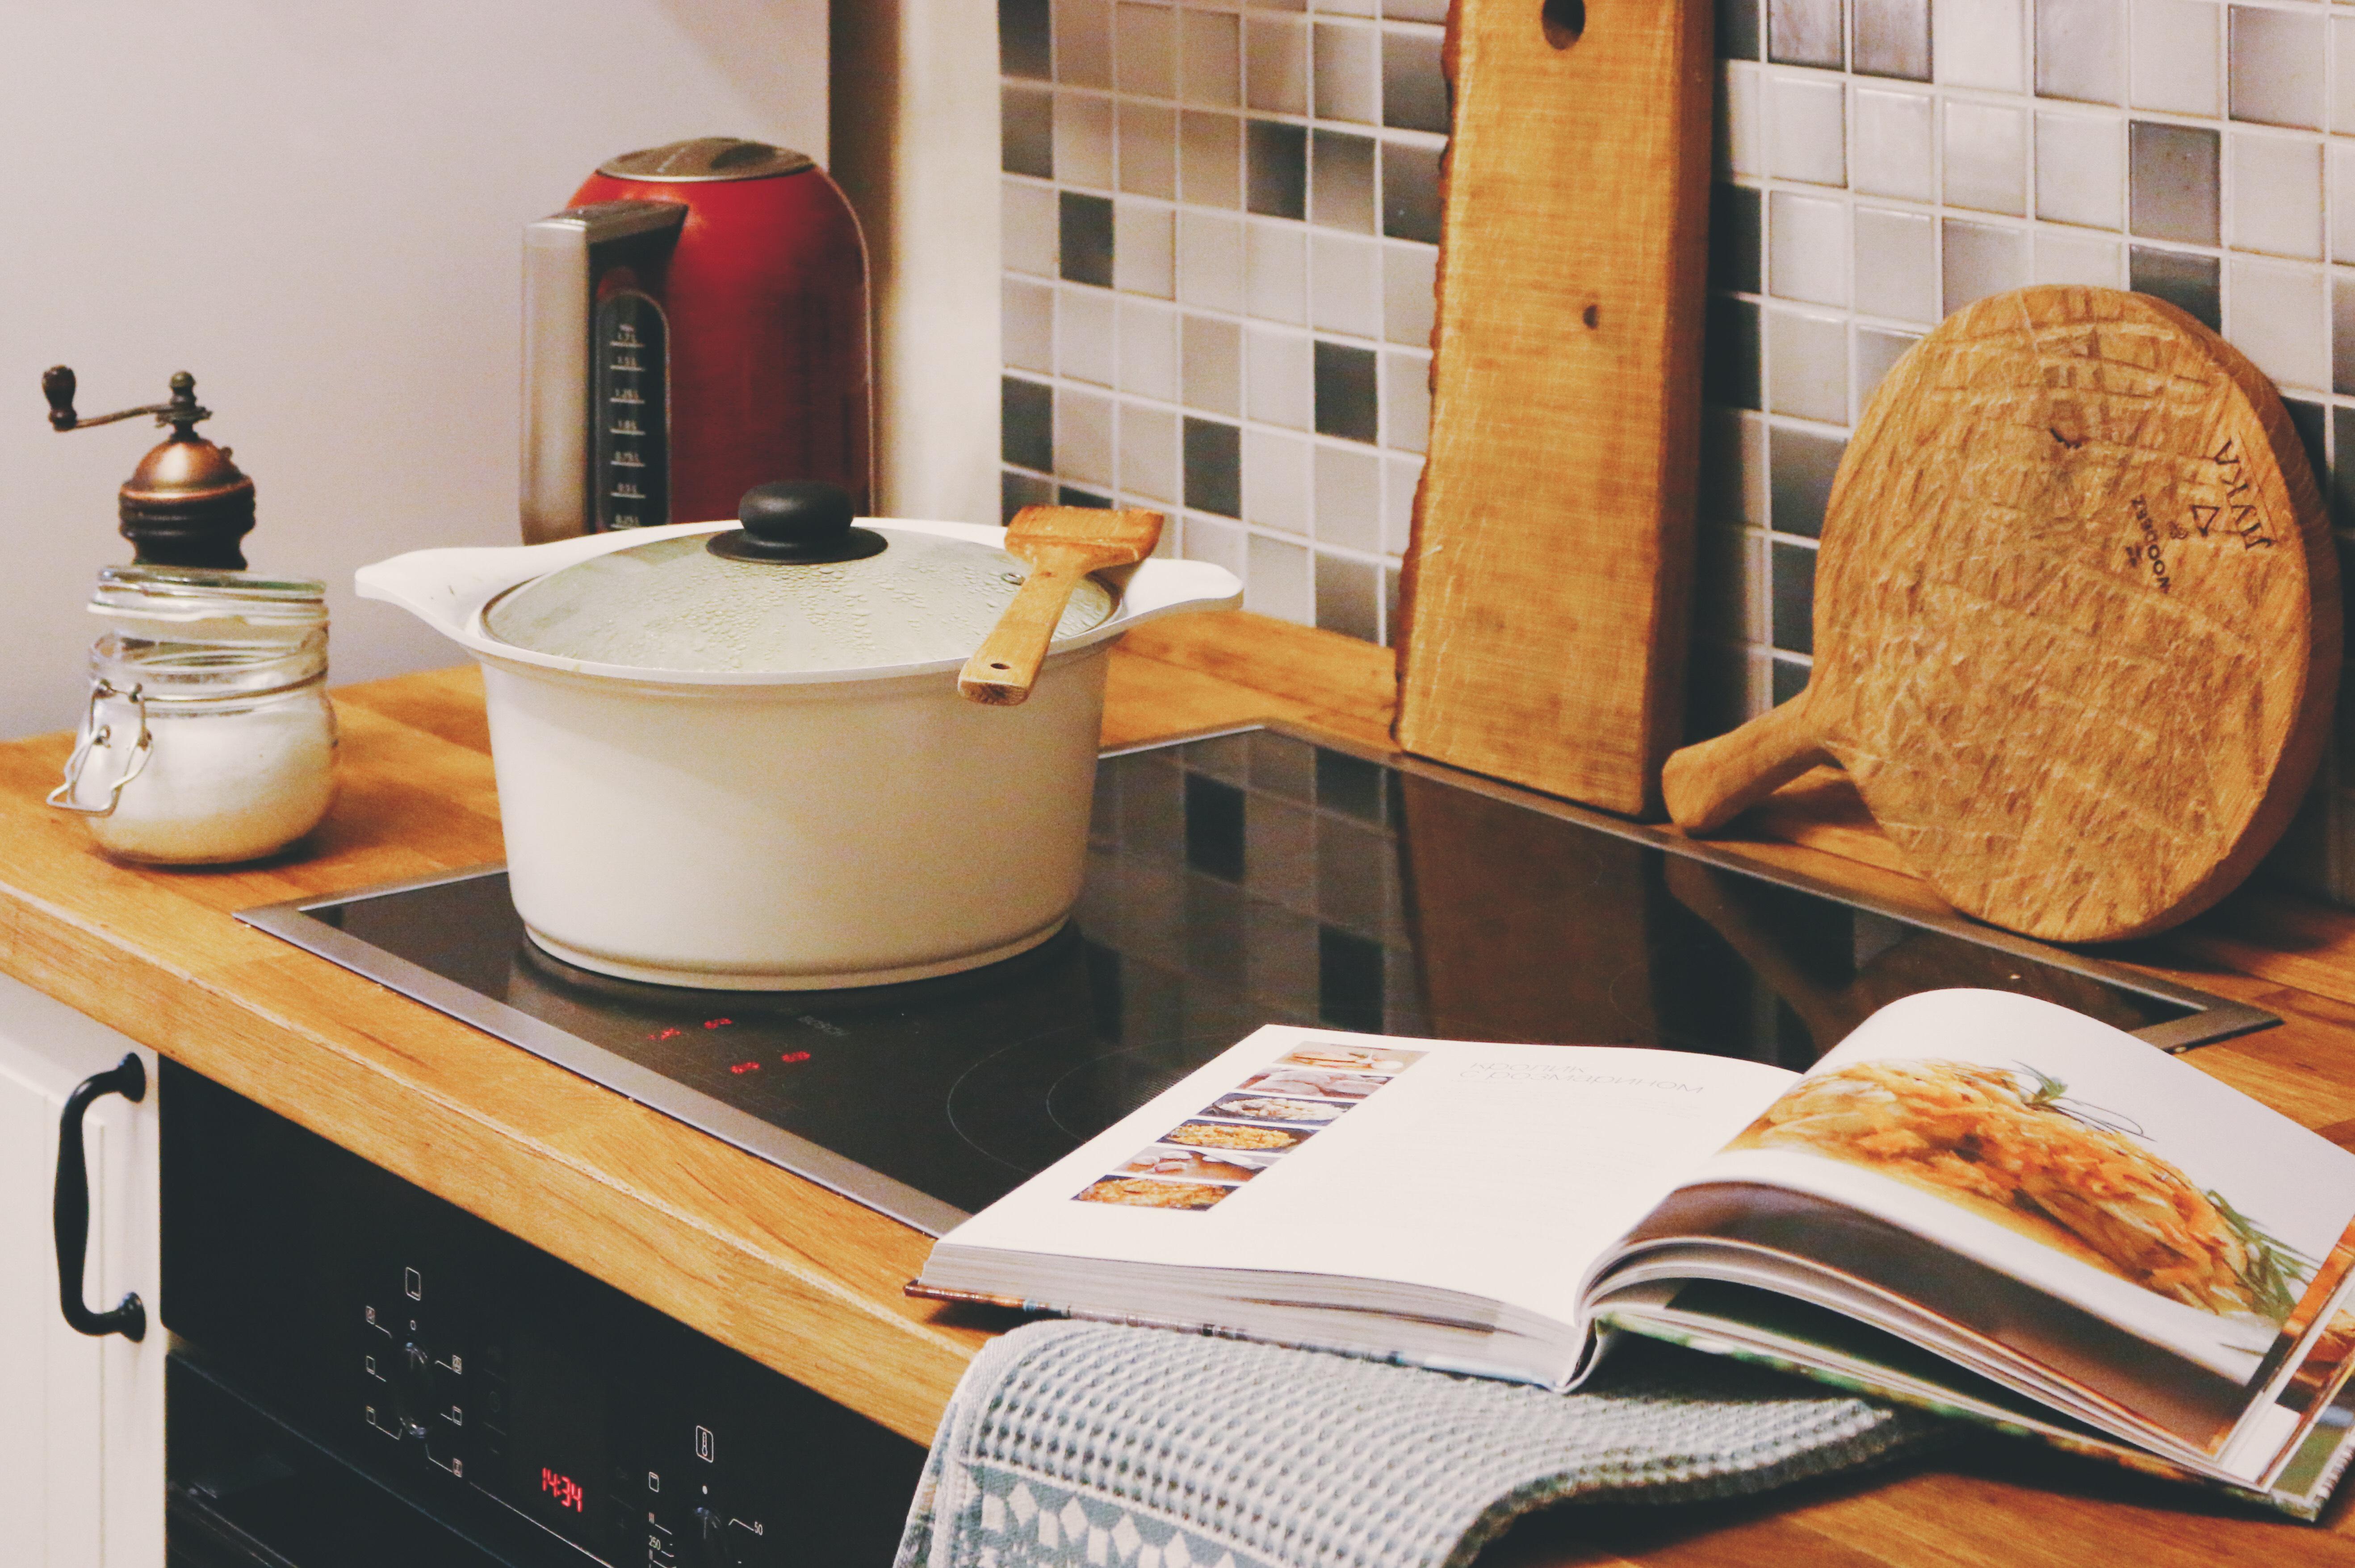 О любви к кулинарным книгам, недоверии к микроволновке и других мелочах